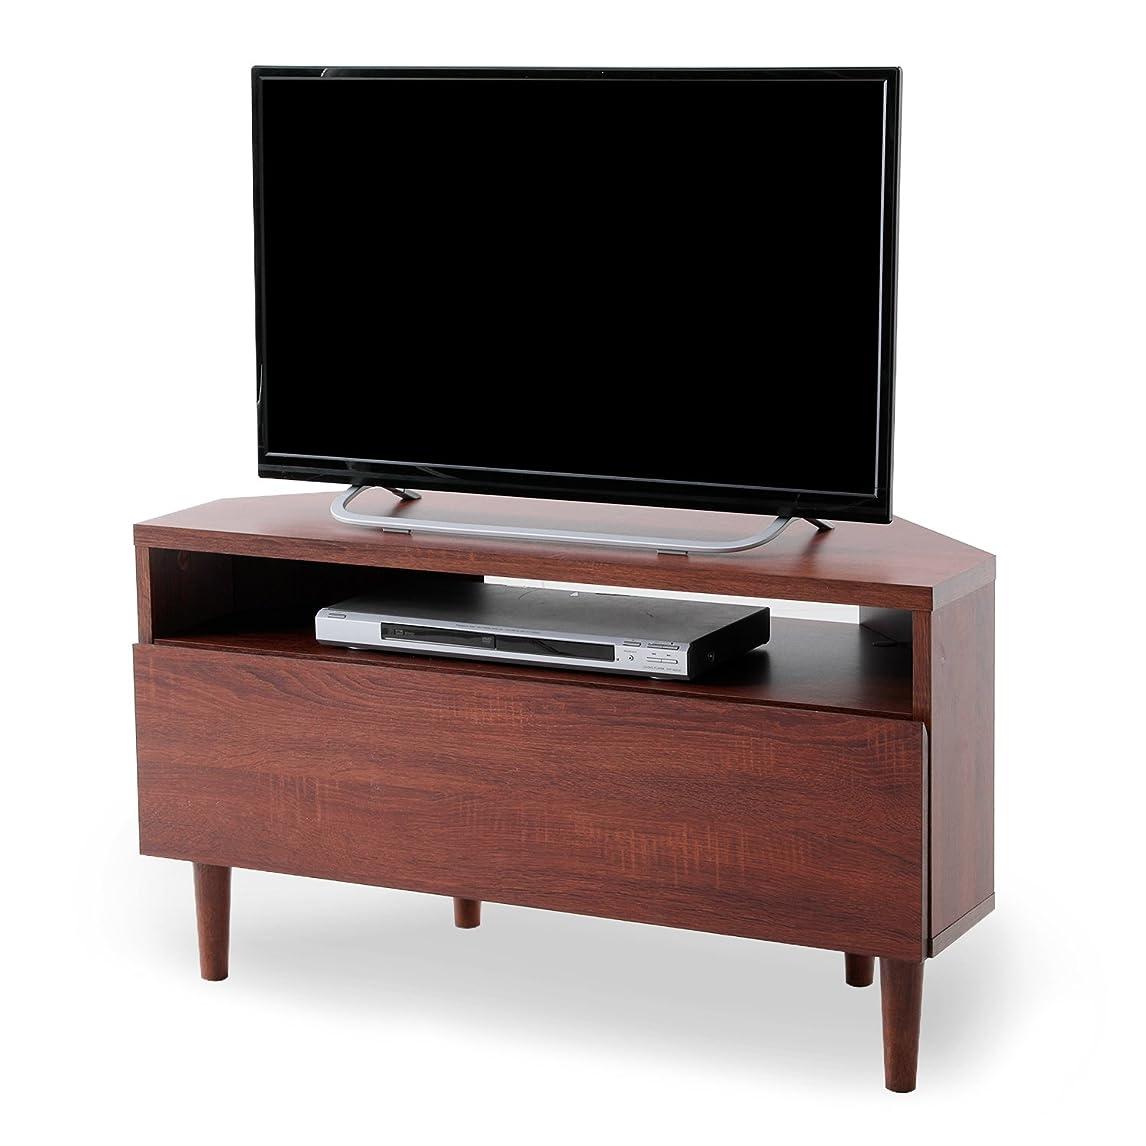 するだろう等々電気のLOWYA テレビ台 コーナーテレビ台 一人暮らし 木目調 天然木脚 配線スムーズ 32型 対応 32インチ テレビボード ロータイプ コンパクト ブラウン